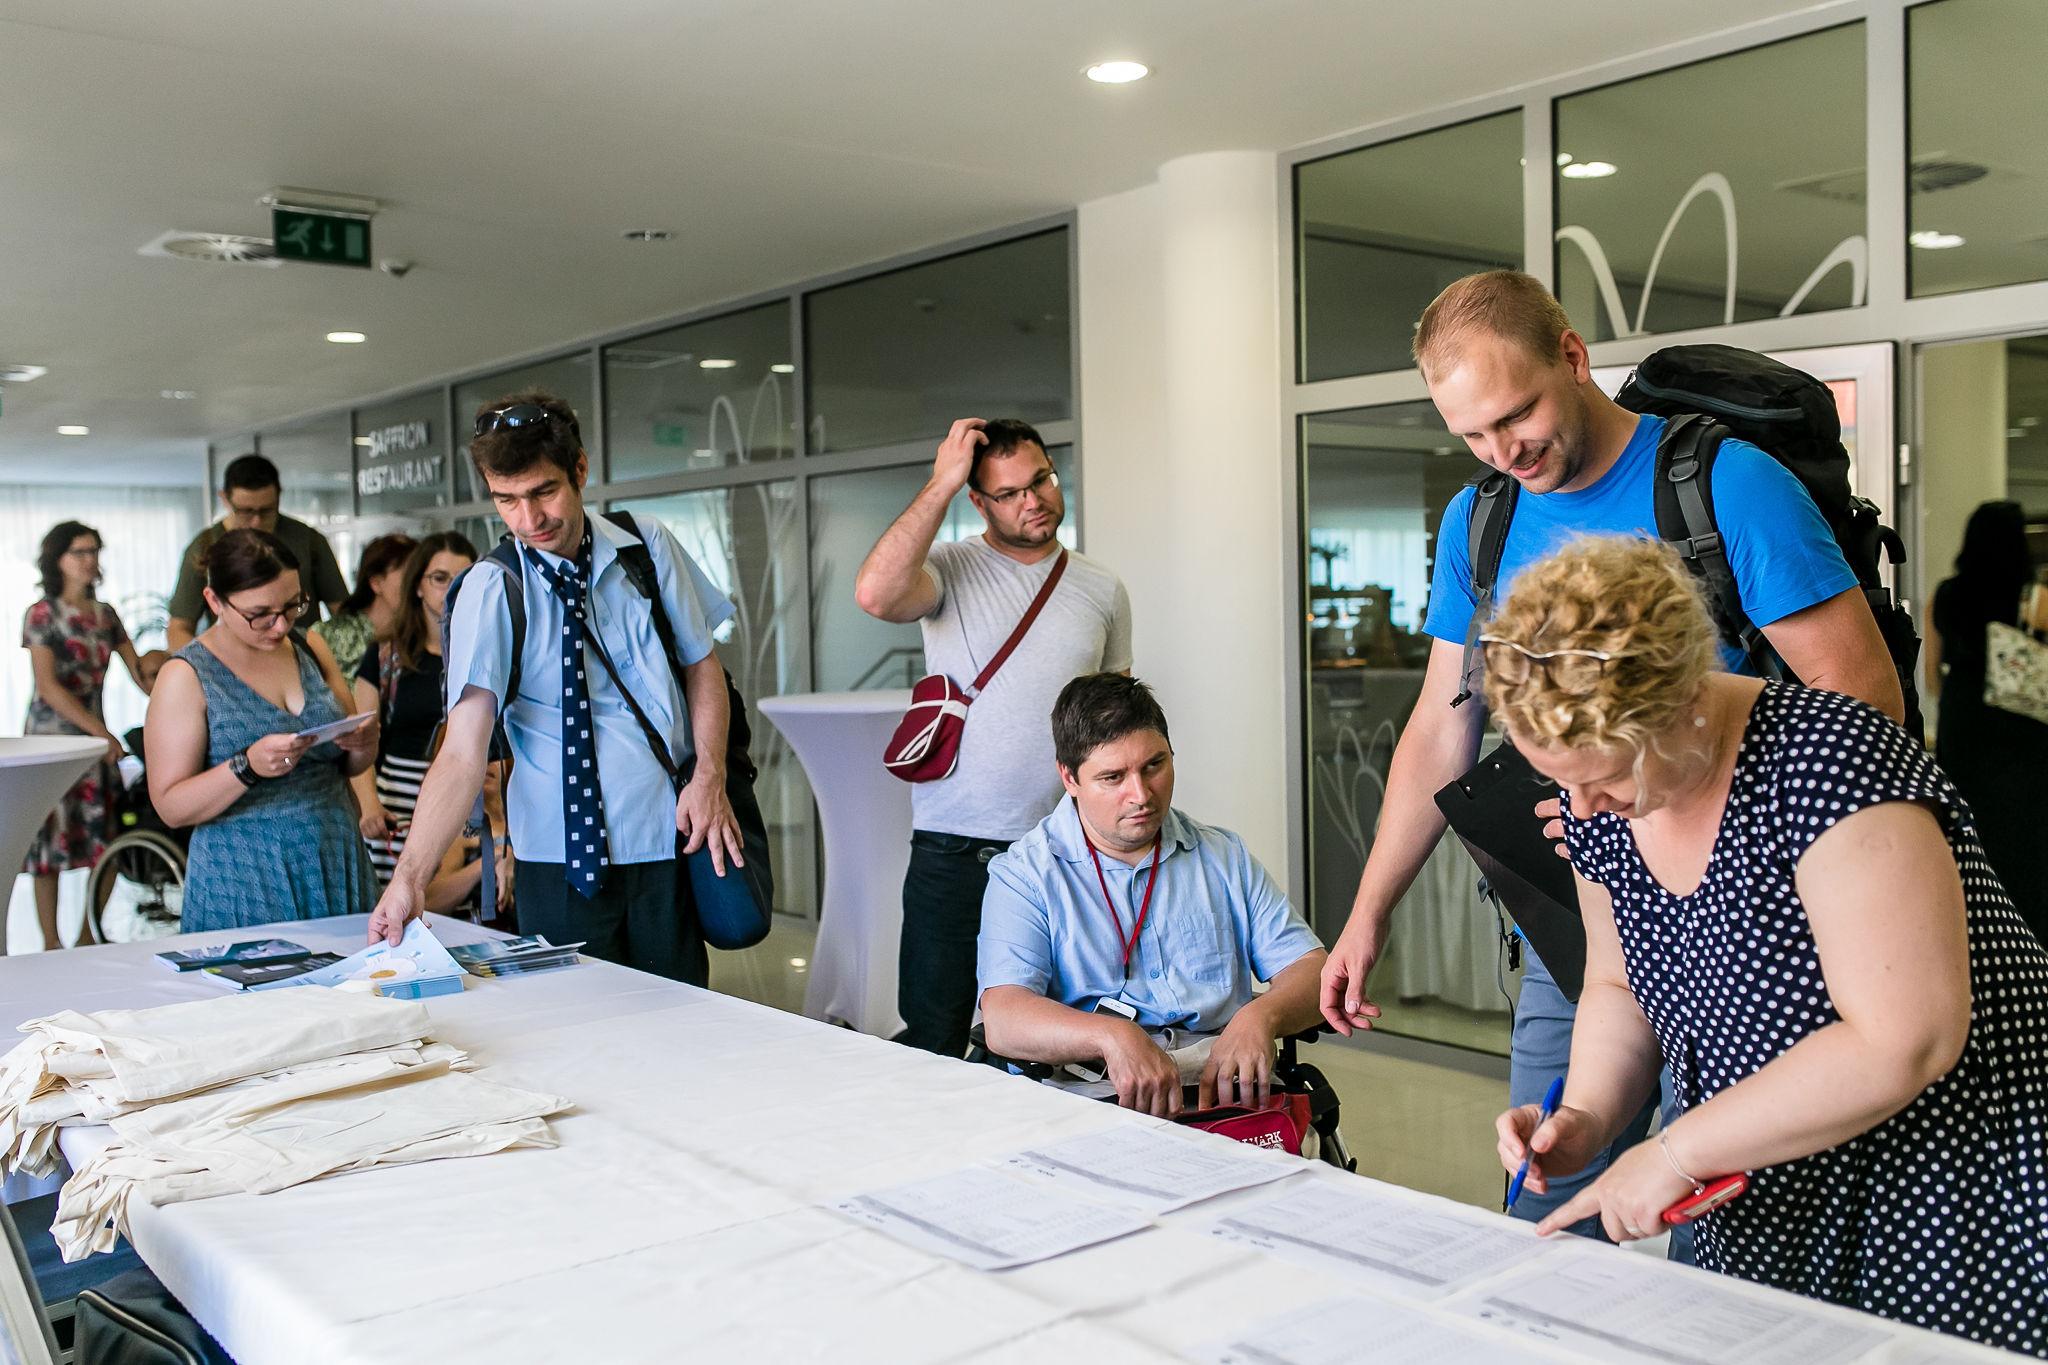 príchod účastníkov a podpisovanie prezenčky